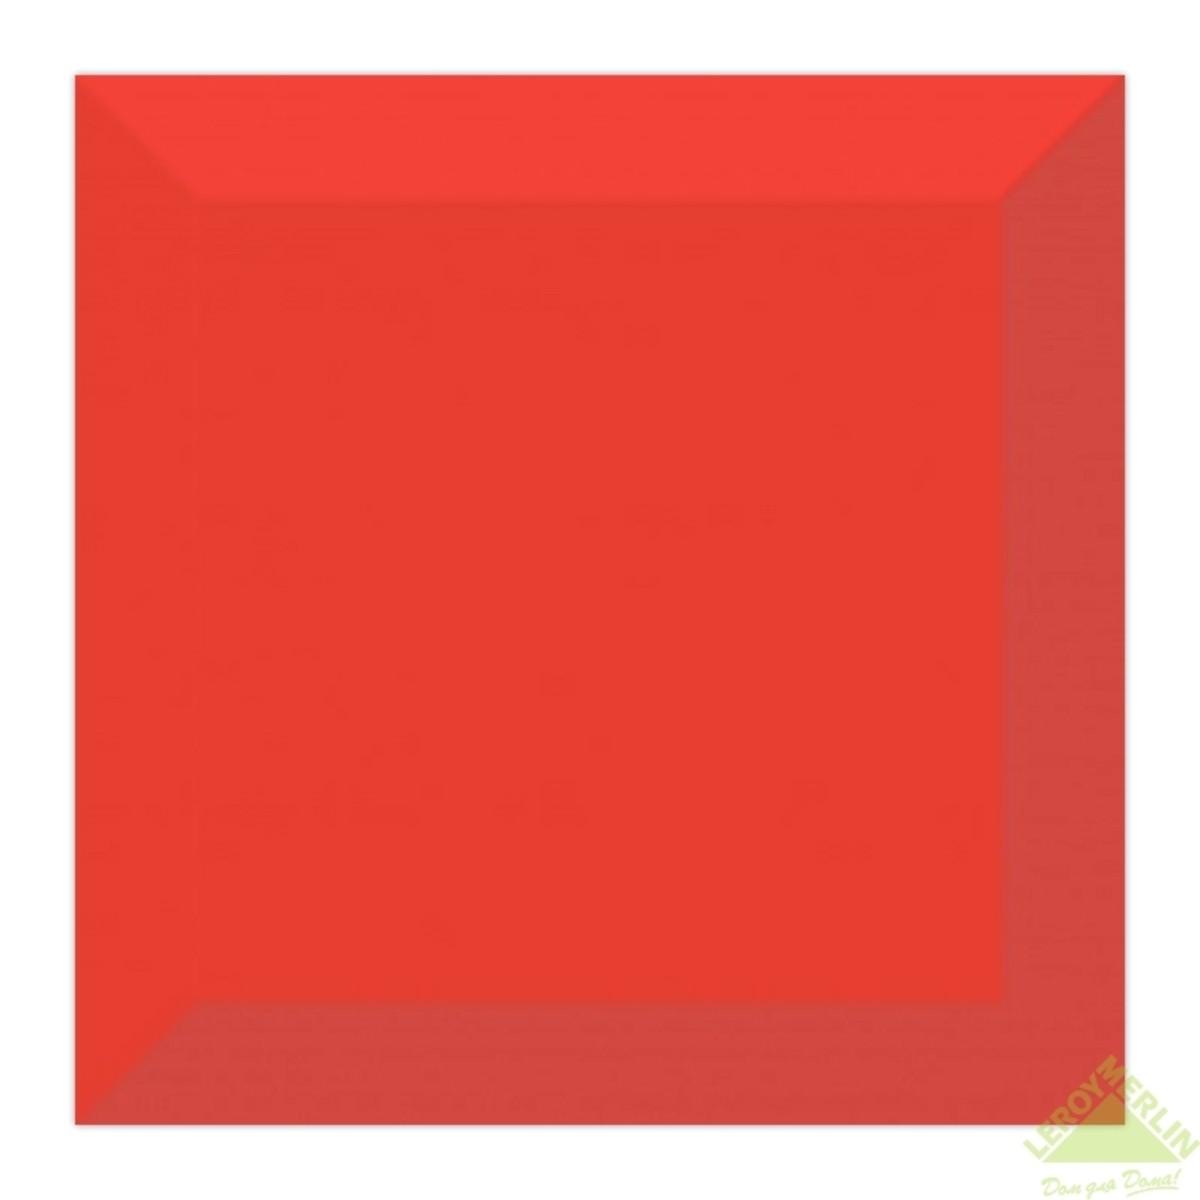 Плитка настенная Порто 15x15 см цвет красный 1035 м2